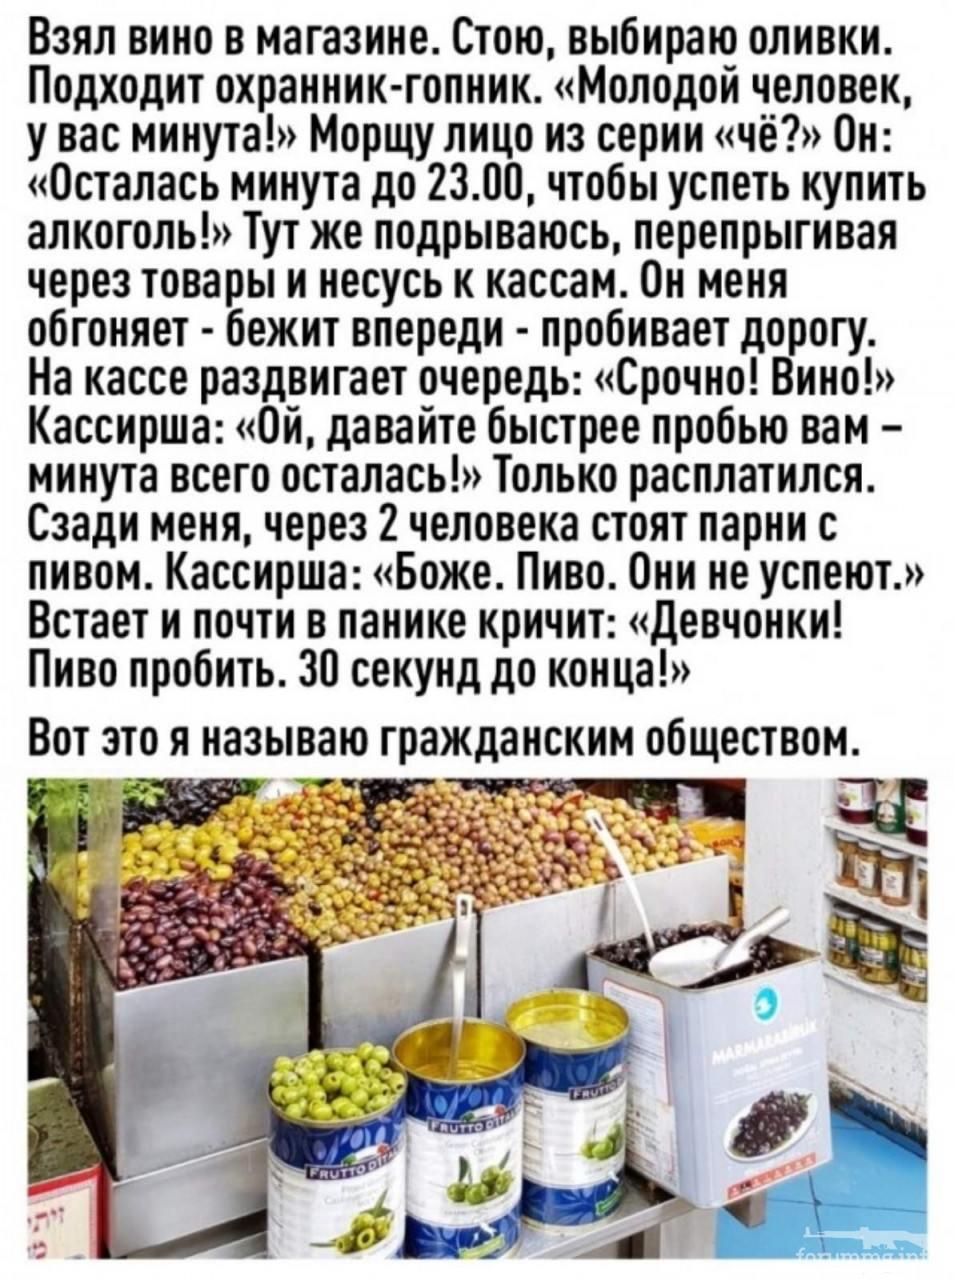 121922 - Пить или не пить? - пятничная алкогольная тема )))